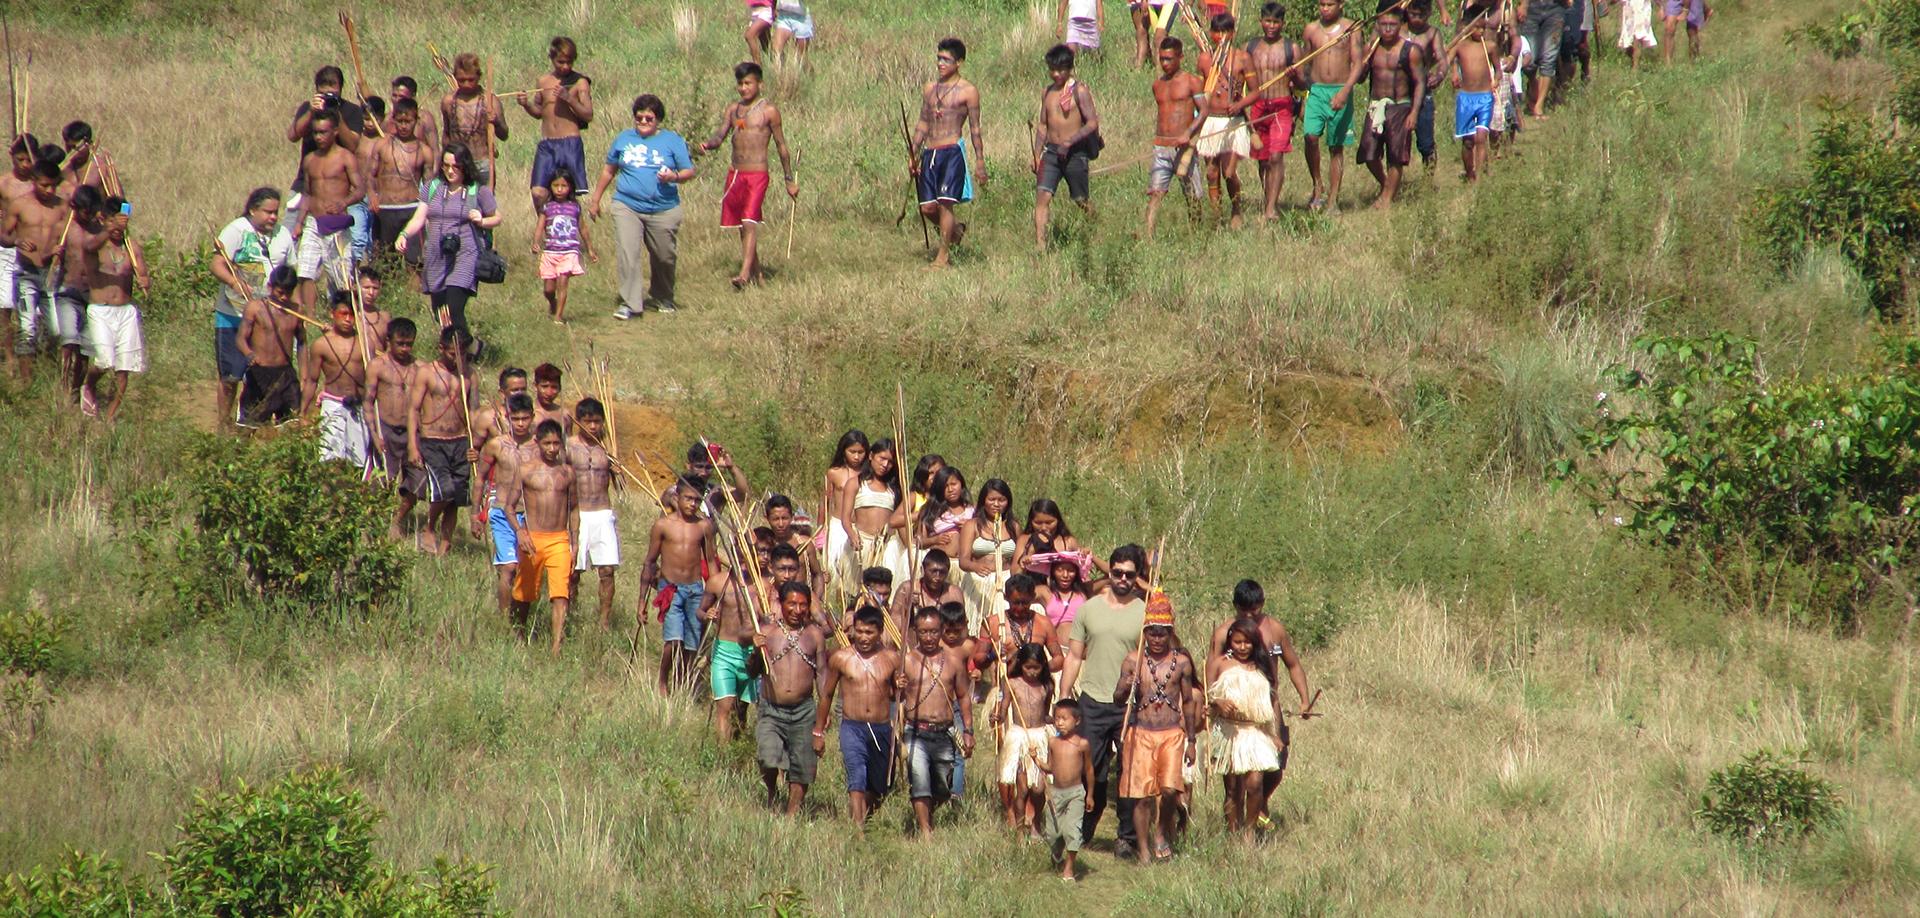 destaque-aldeias-munduruku-2